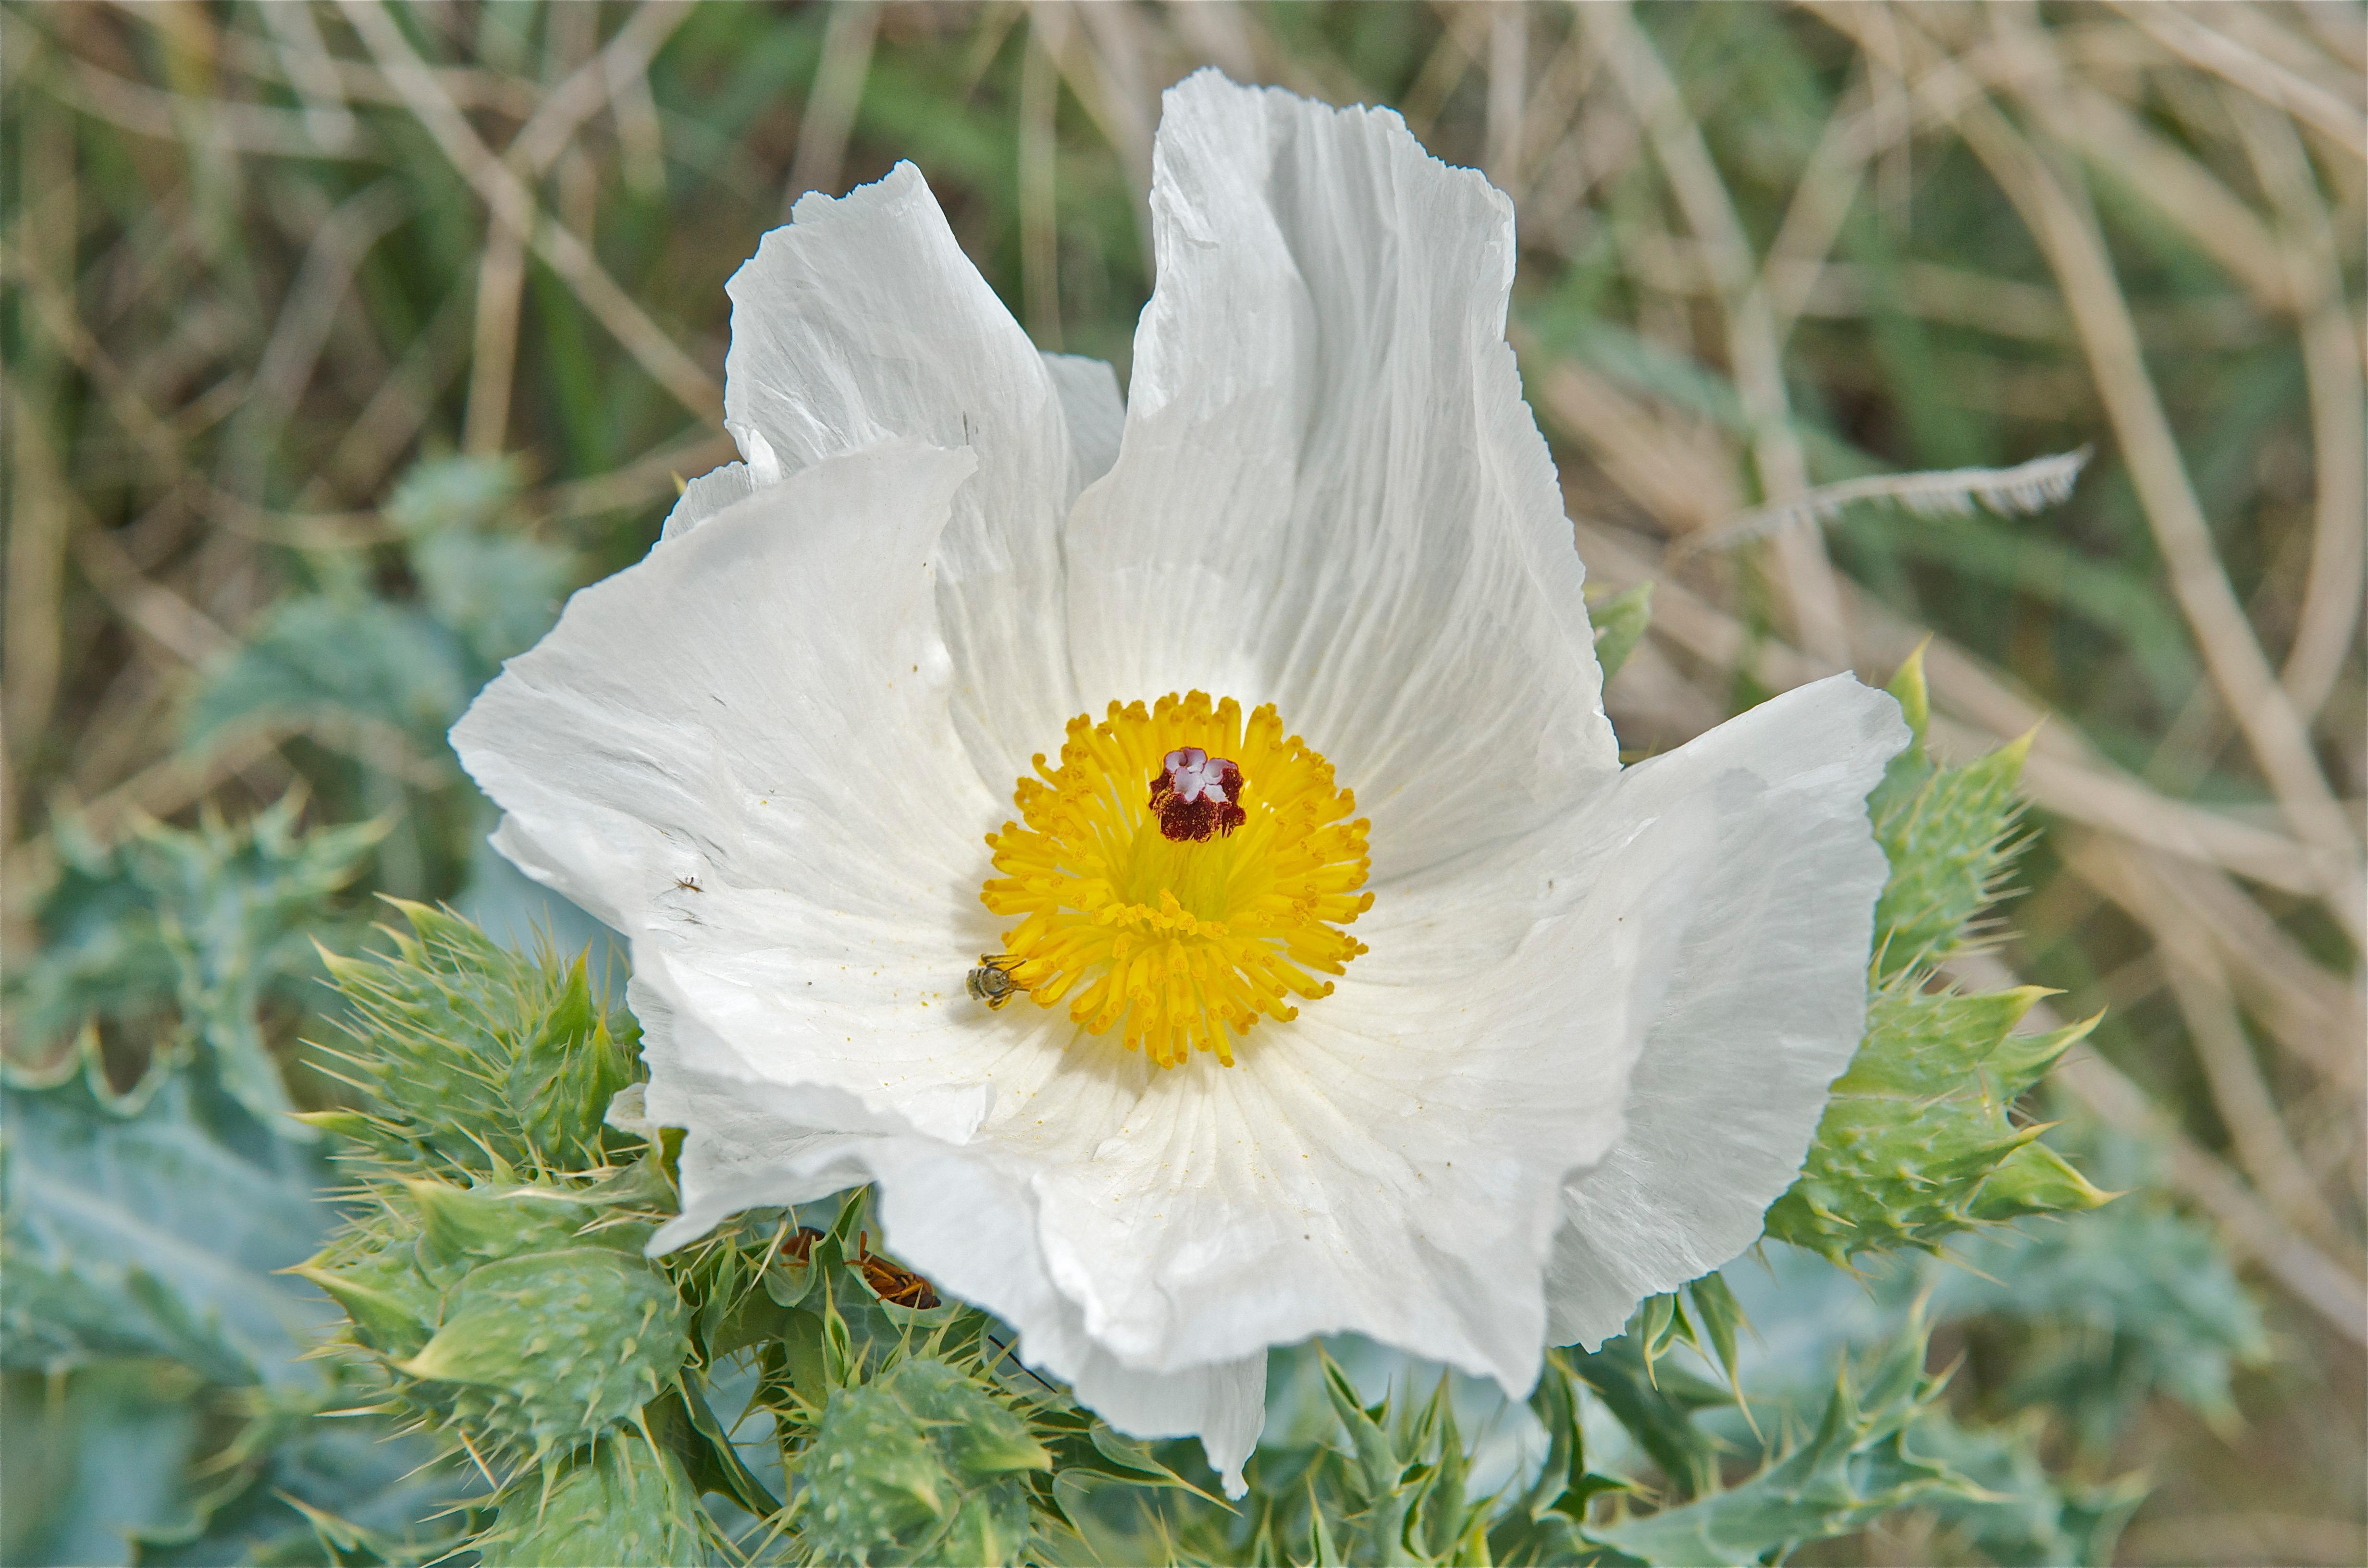 Prickly Poppy (Argemone polyanthemos)